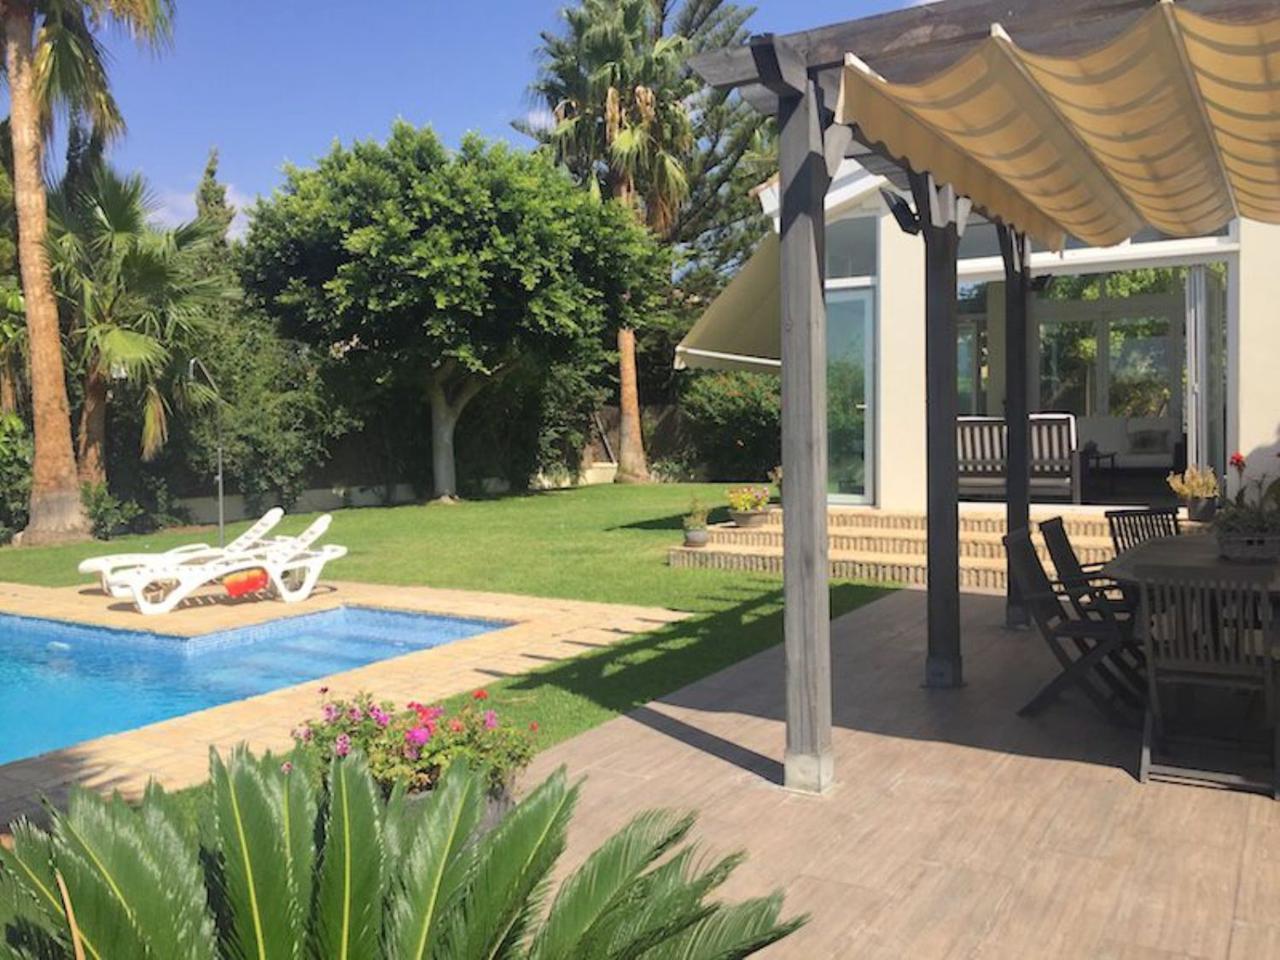 Morillo&Cía.   Casa / Chalet en alquiler en Cádiz de 247 m2